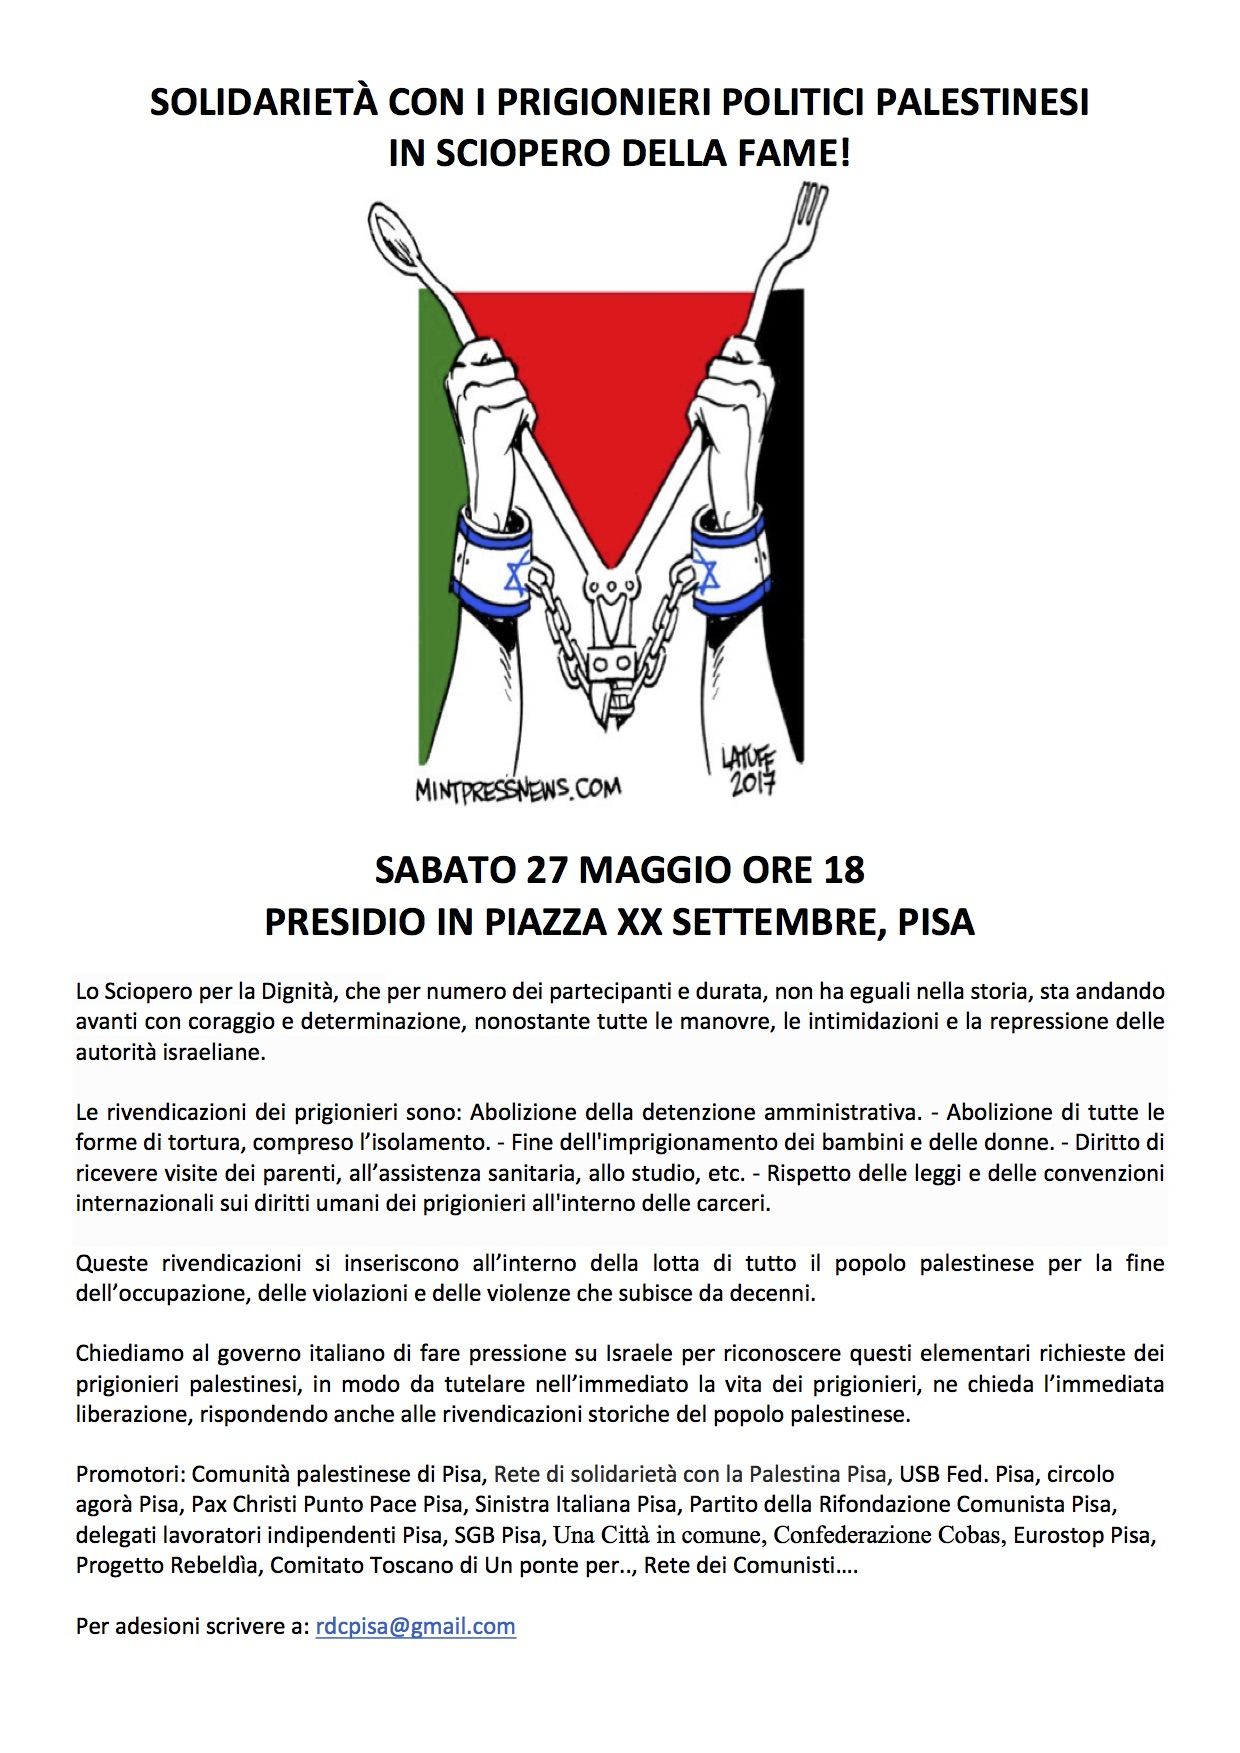 2 - Solidarietà con i prigionieri politici palestinesi in sciopero della fame